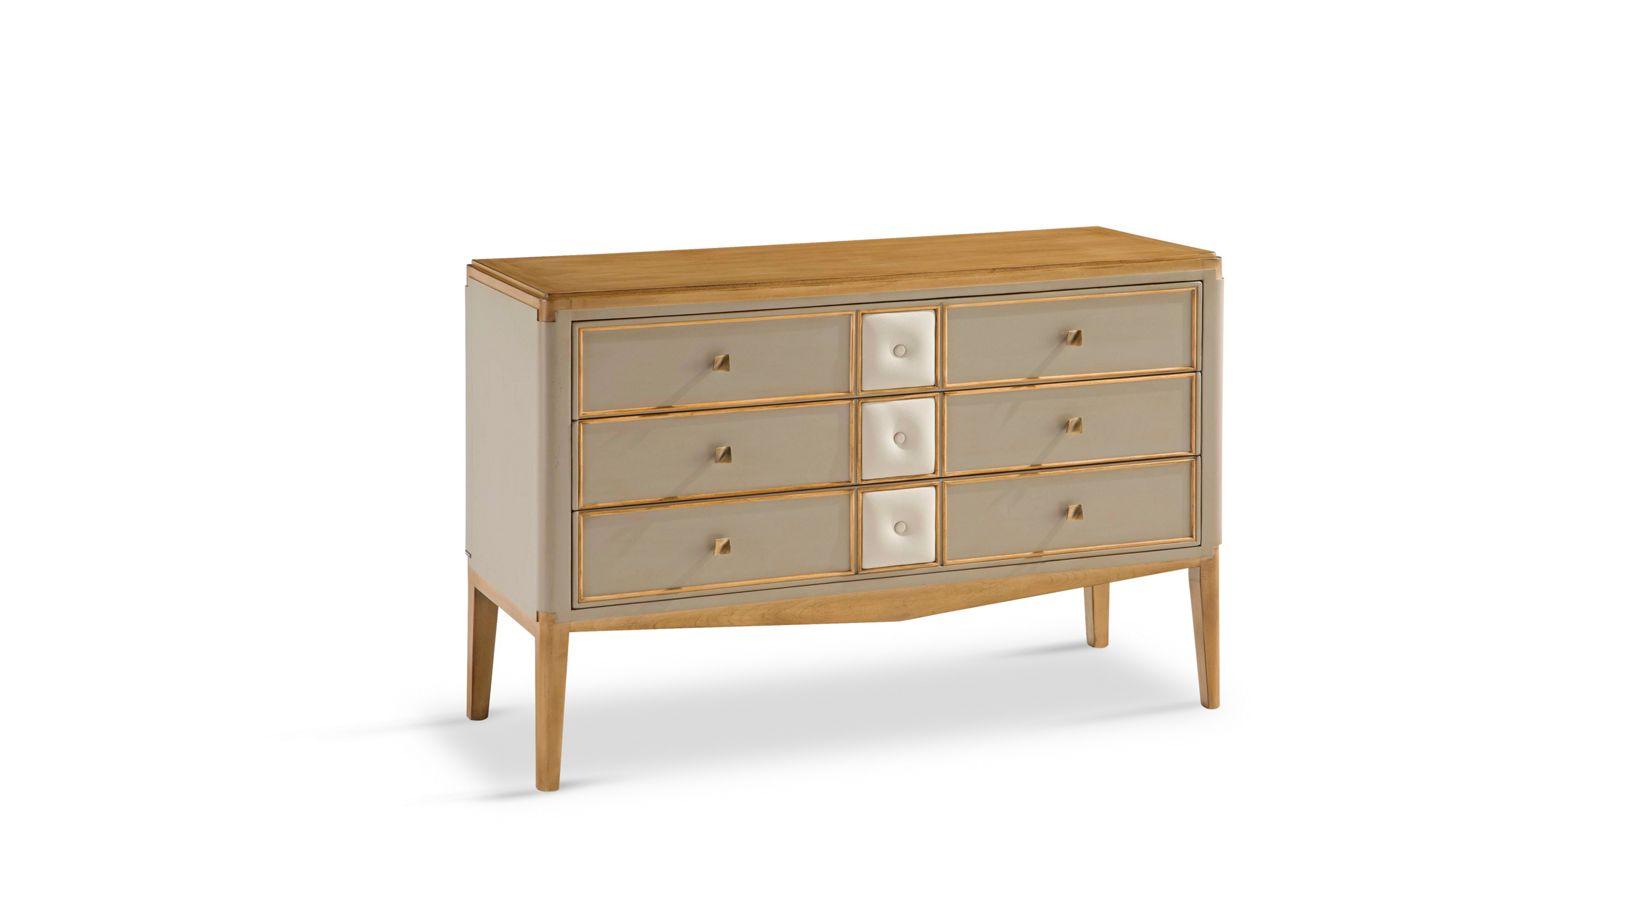 claridge vitrine collection nouveaux classiques roche bobois. Black Bedroom Furniture Sets. Home Design Ideas